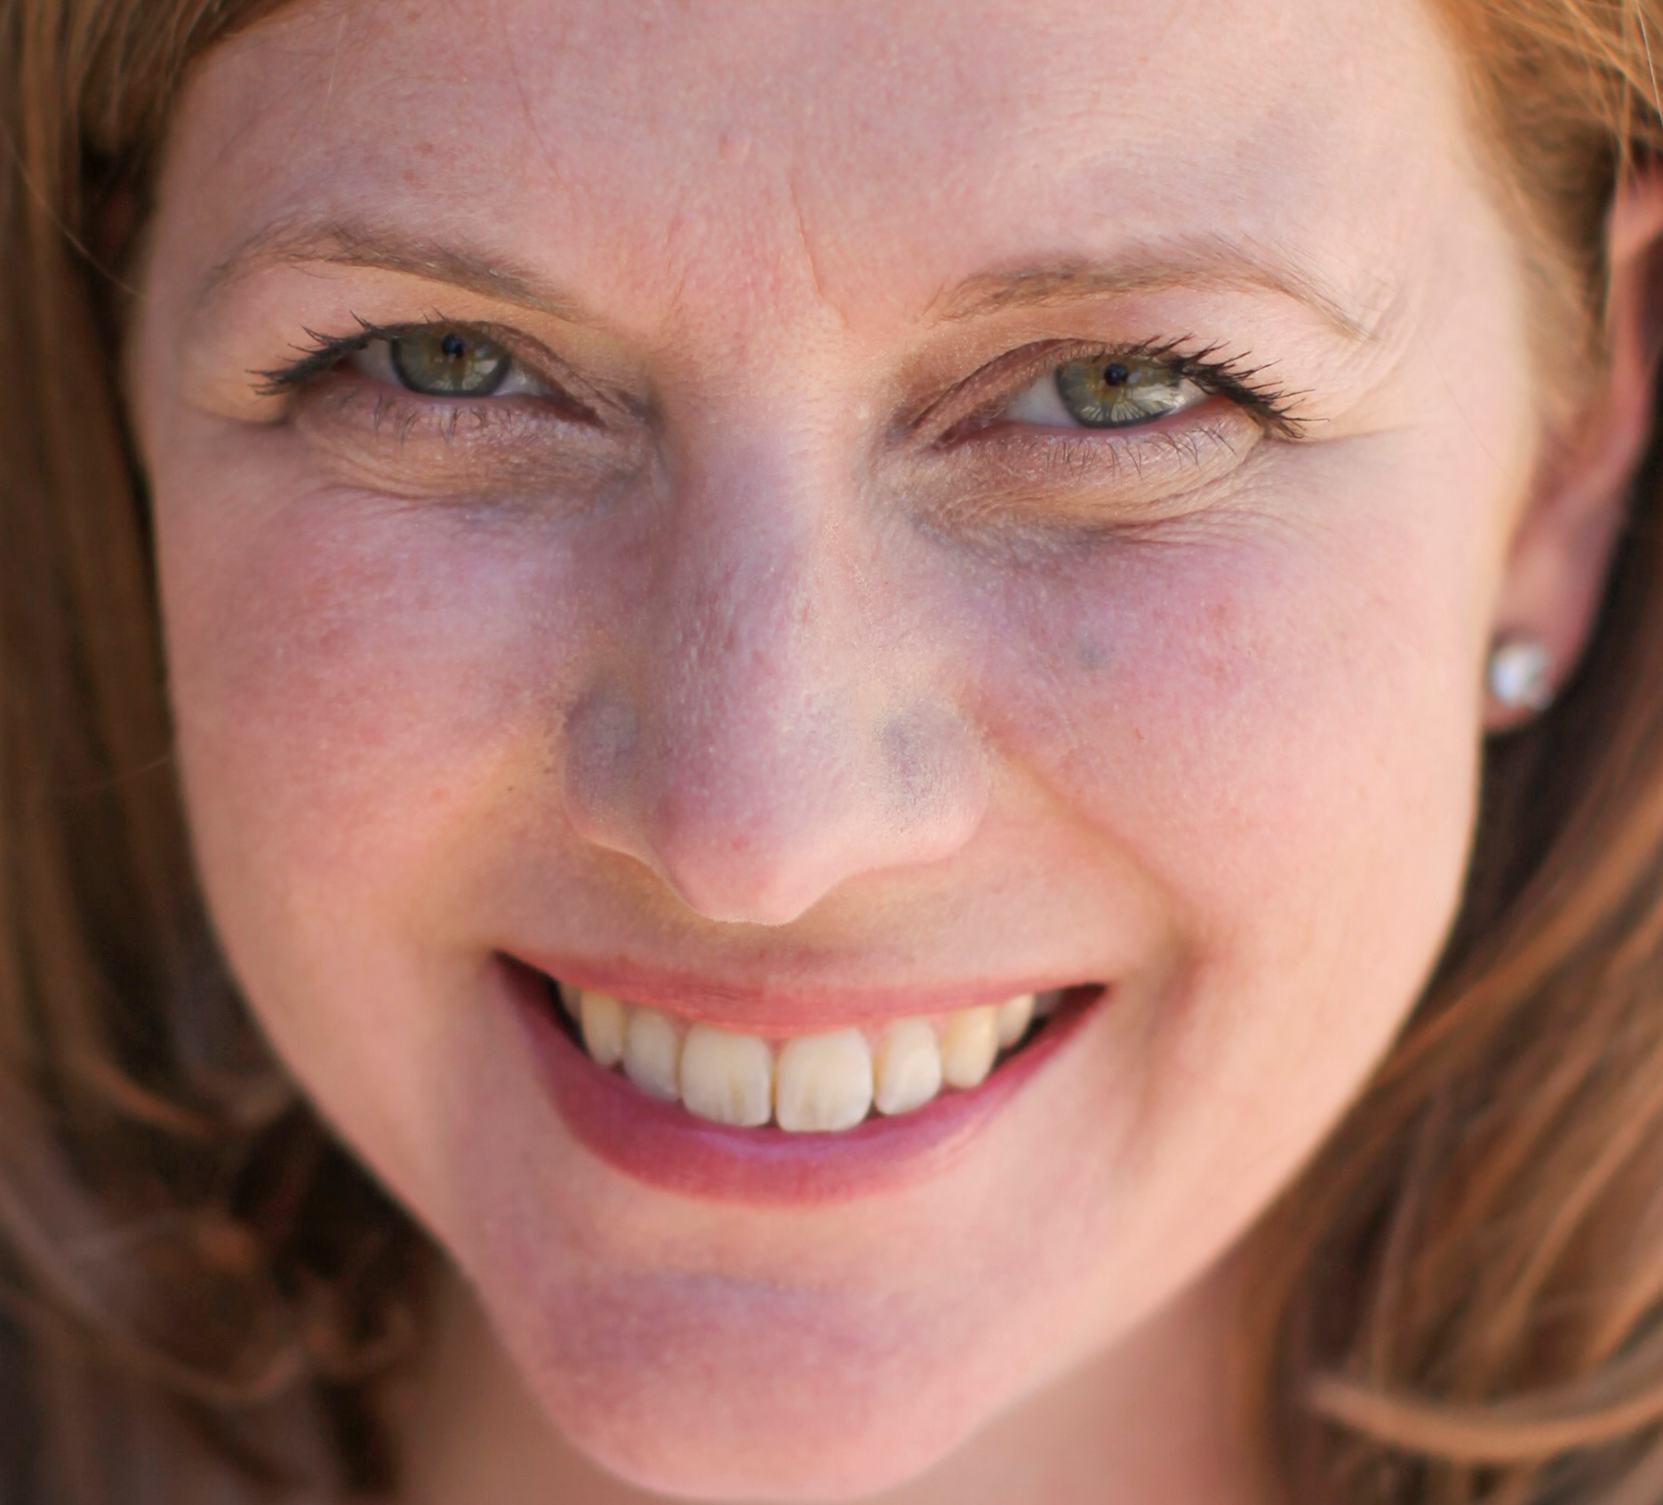 Lizzie Pannill Fletcher